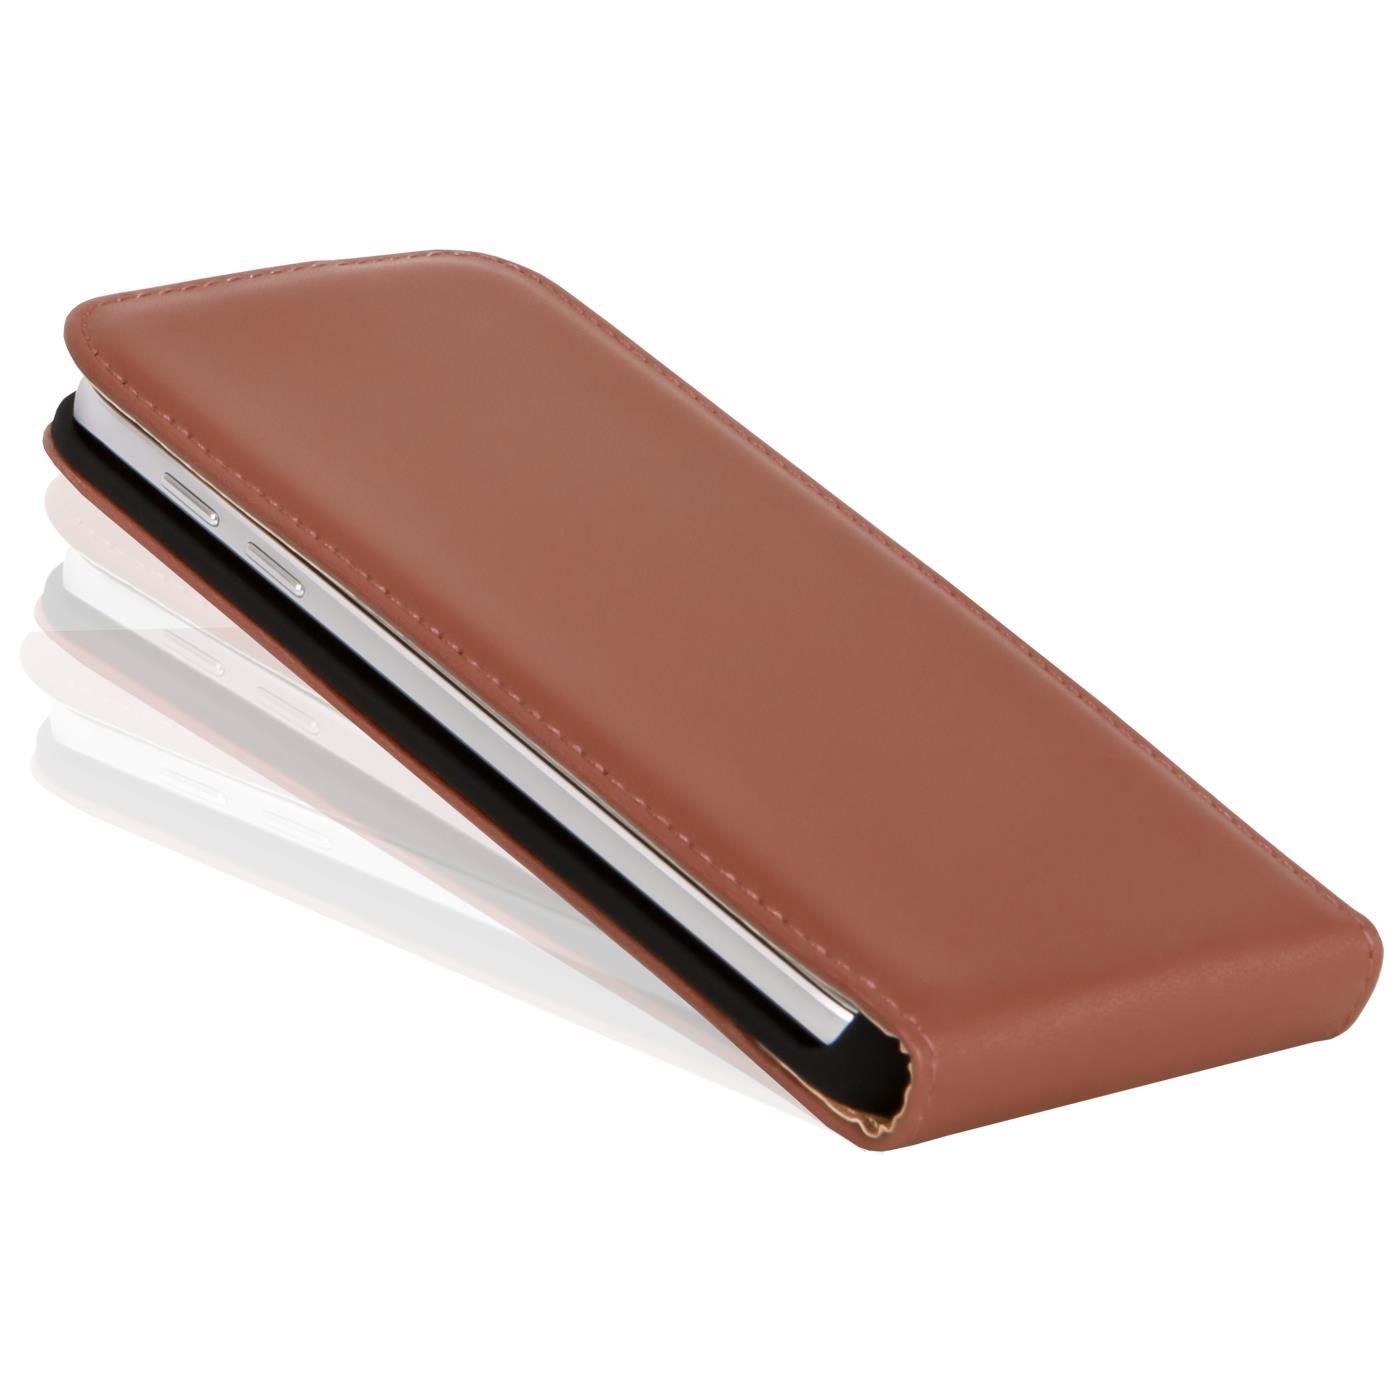 Klapphuelle-Samsung-Galaxy-Flip-Case-Tasche-Schutzhuelle-Cover-Schutz-Handy-Huelle Indexbild 39